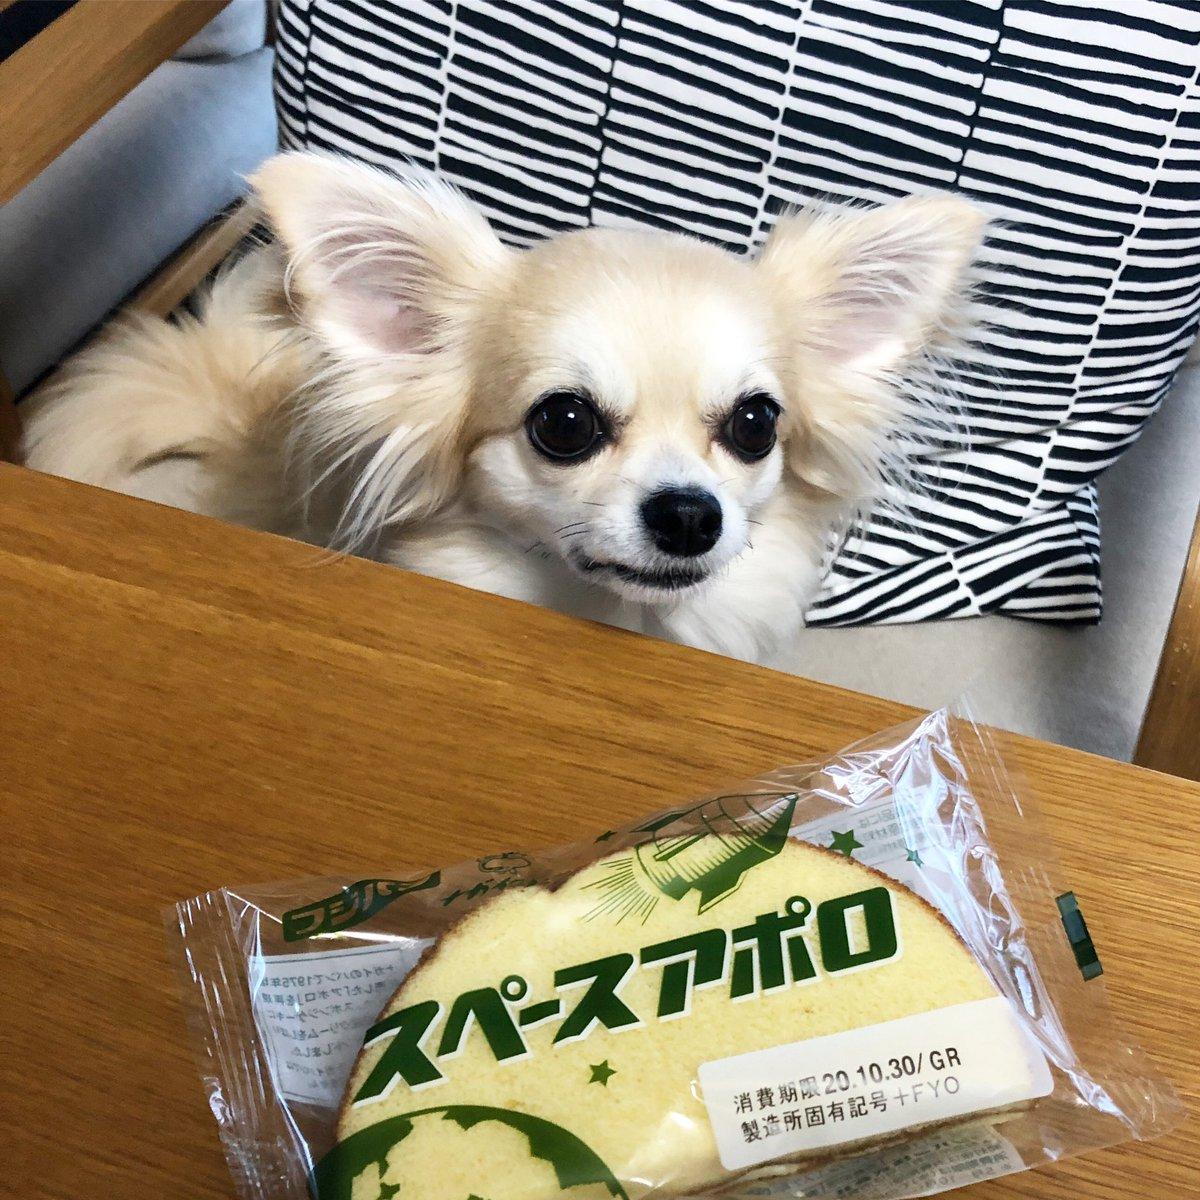 巷で話題の #スペースアポロ   おっと、賞味期限が今日までだ💦 食べてみよ〜😋  ロコはダメ、犬用おやつにしよ🦴  #愛犬 #チワワ #わんこ #犬のいる暮らし #犬のいる生活 #わんこのいる生活 #猫好きさんと繋がりたい #犬好きさんと繋がりたい #dog #chihuahua https://t.co/n7HT8M1zoB